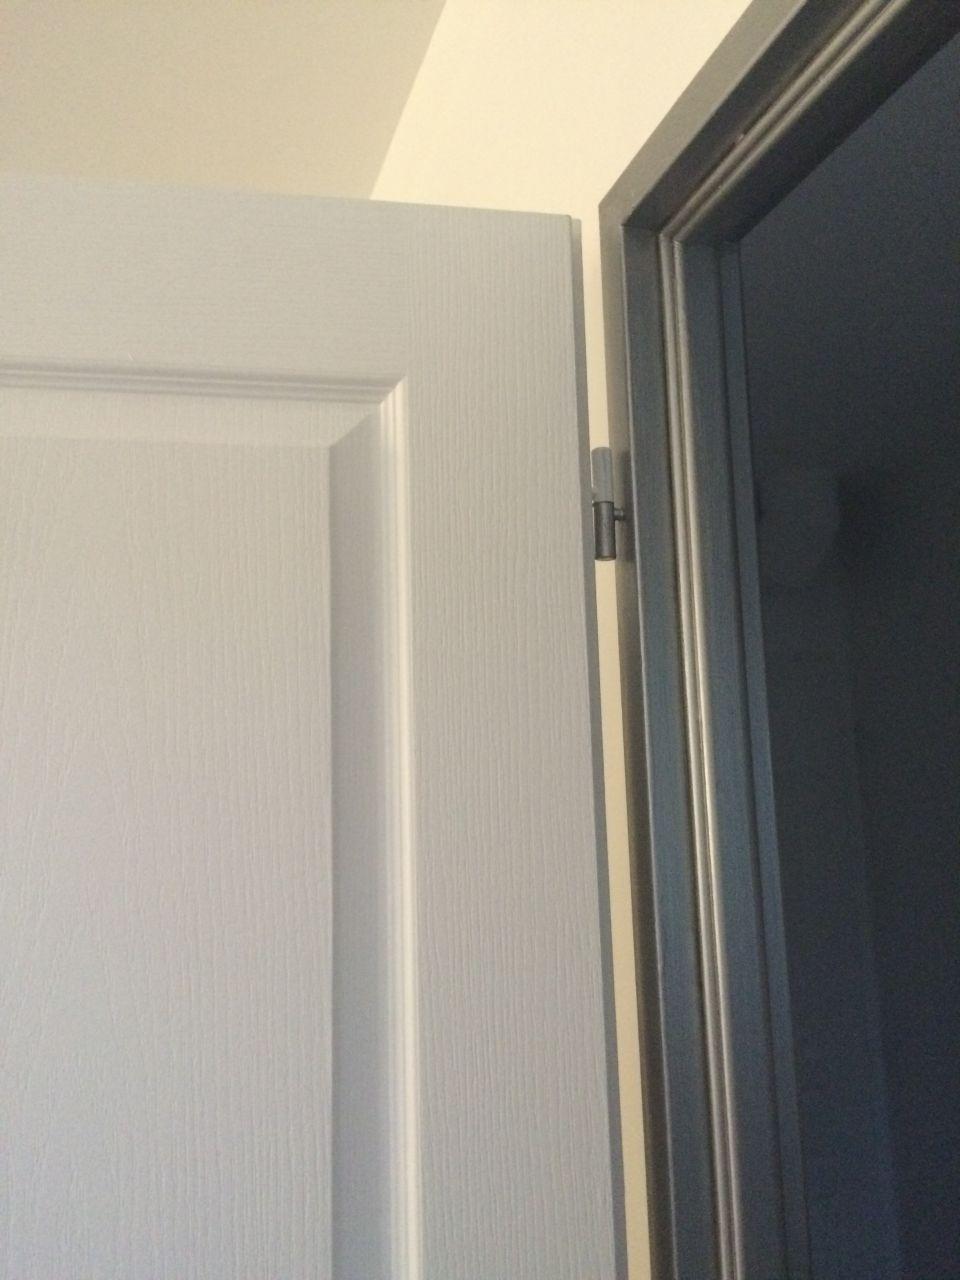 Peinture des encadrements de porte quelques photos for Encadrement de porte en aluminium